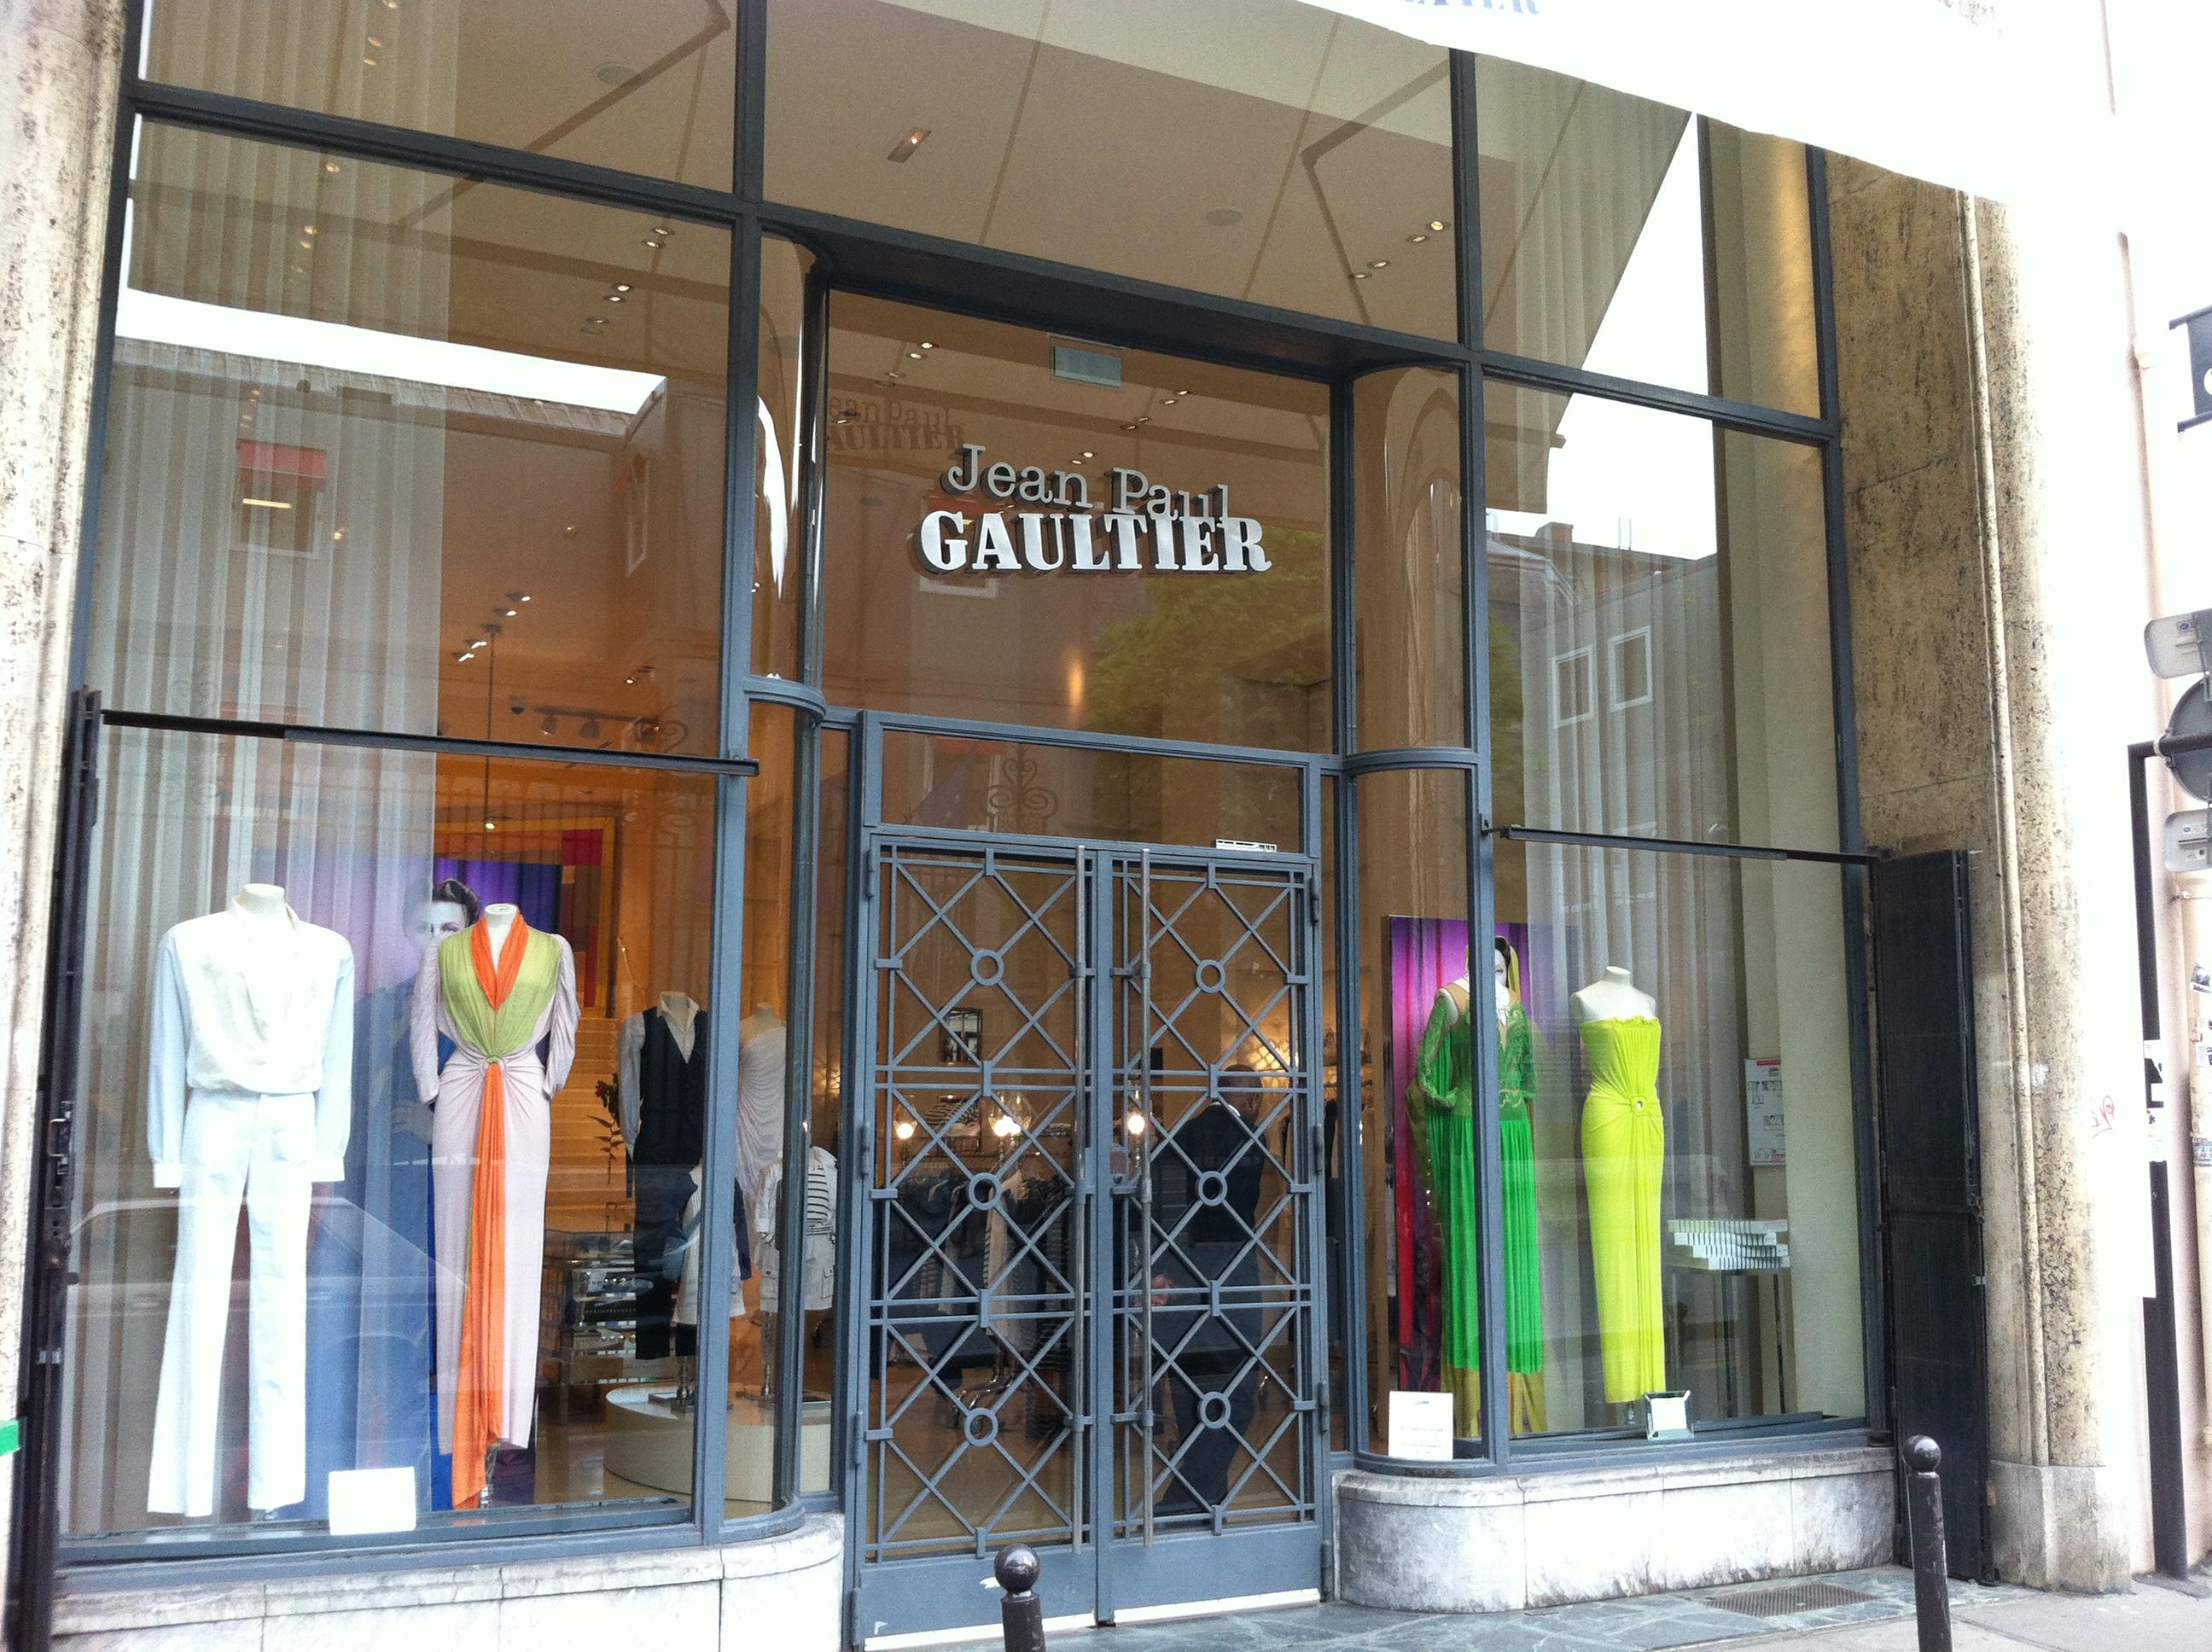 Tienda de Jean Paul Gaultier en Galeria Vivienne, París